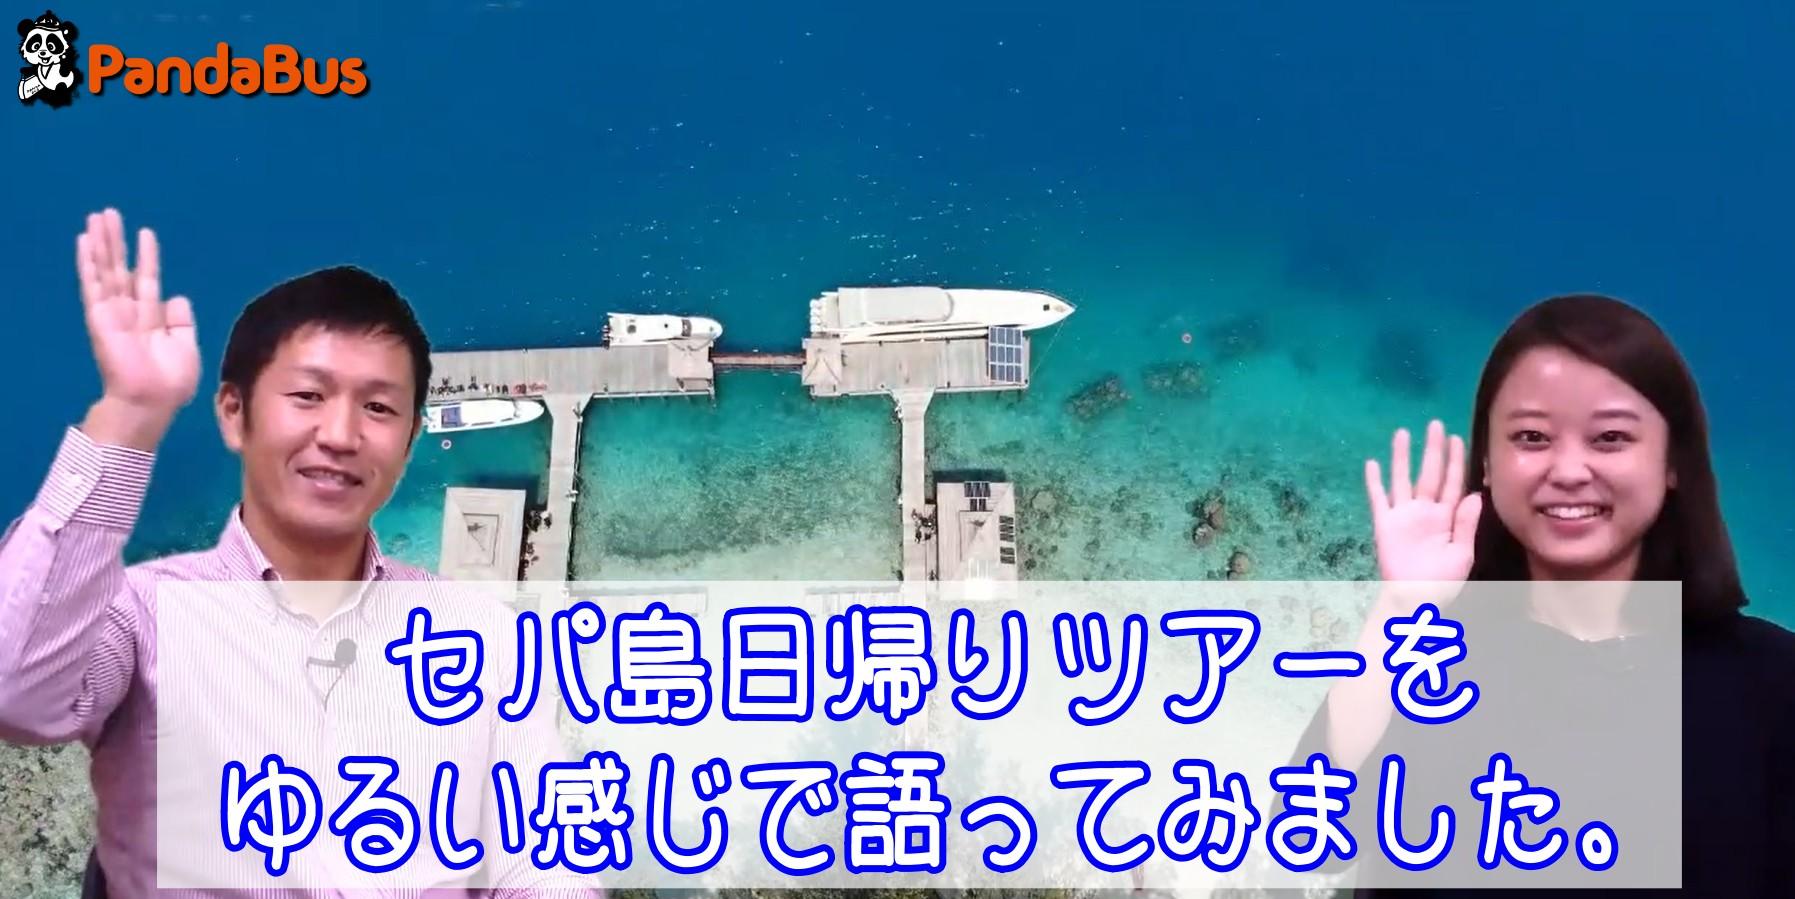 セパ島パンダバス特別催行ご紹介